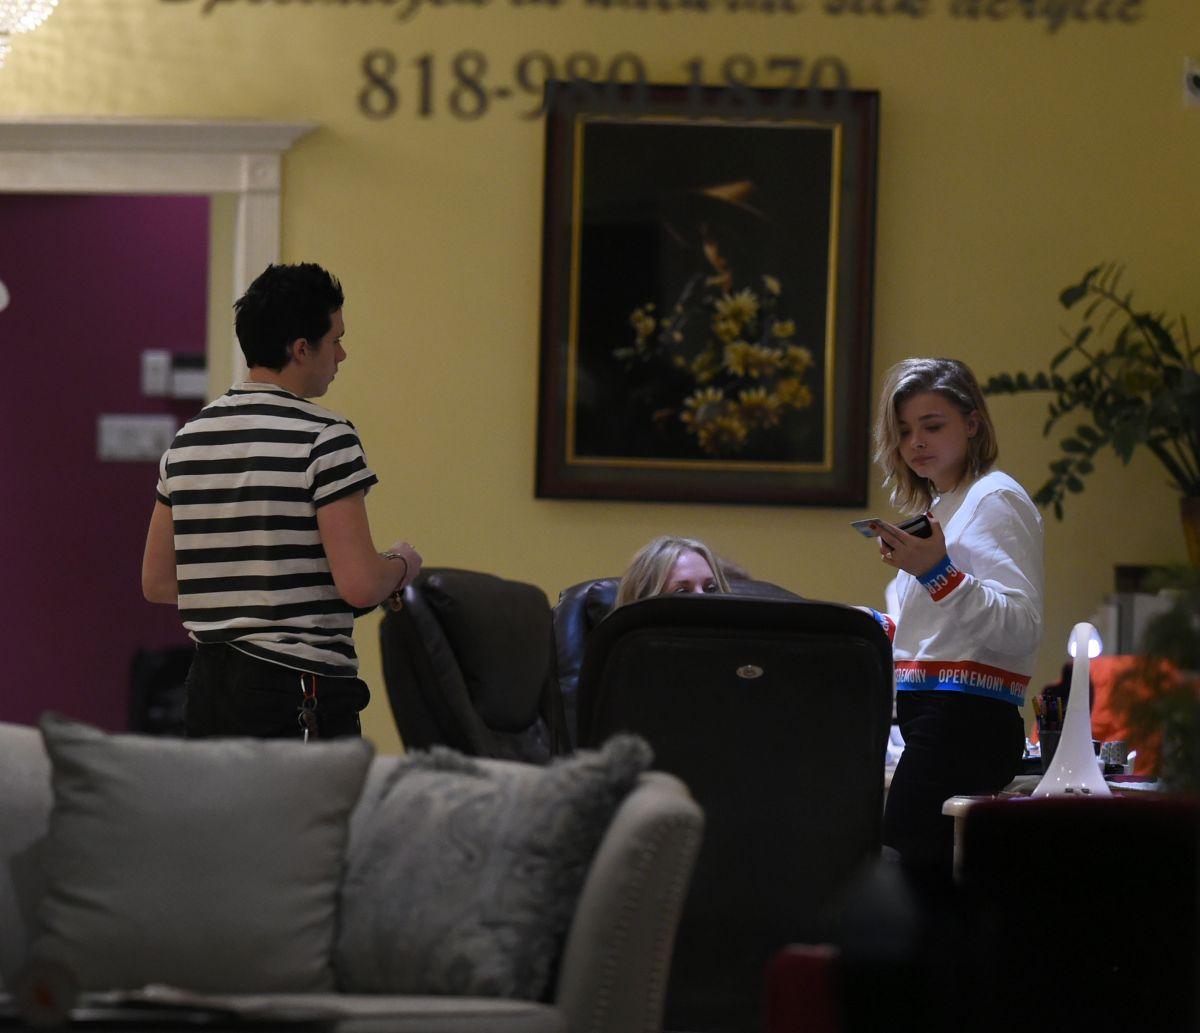 Es Nail Salon Los Angeles: CHLOE MORETZ And Brooklyn Beckham At A Nail Salon In Los